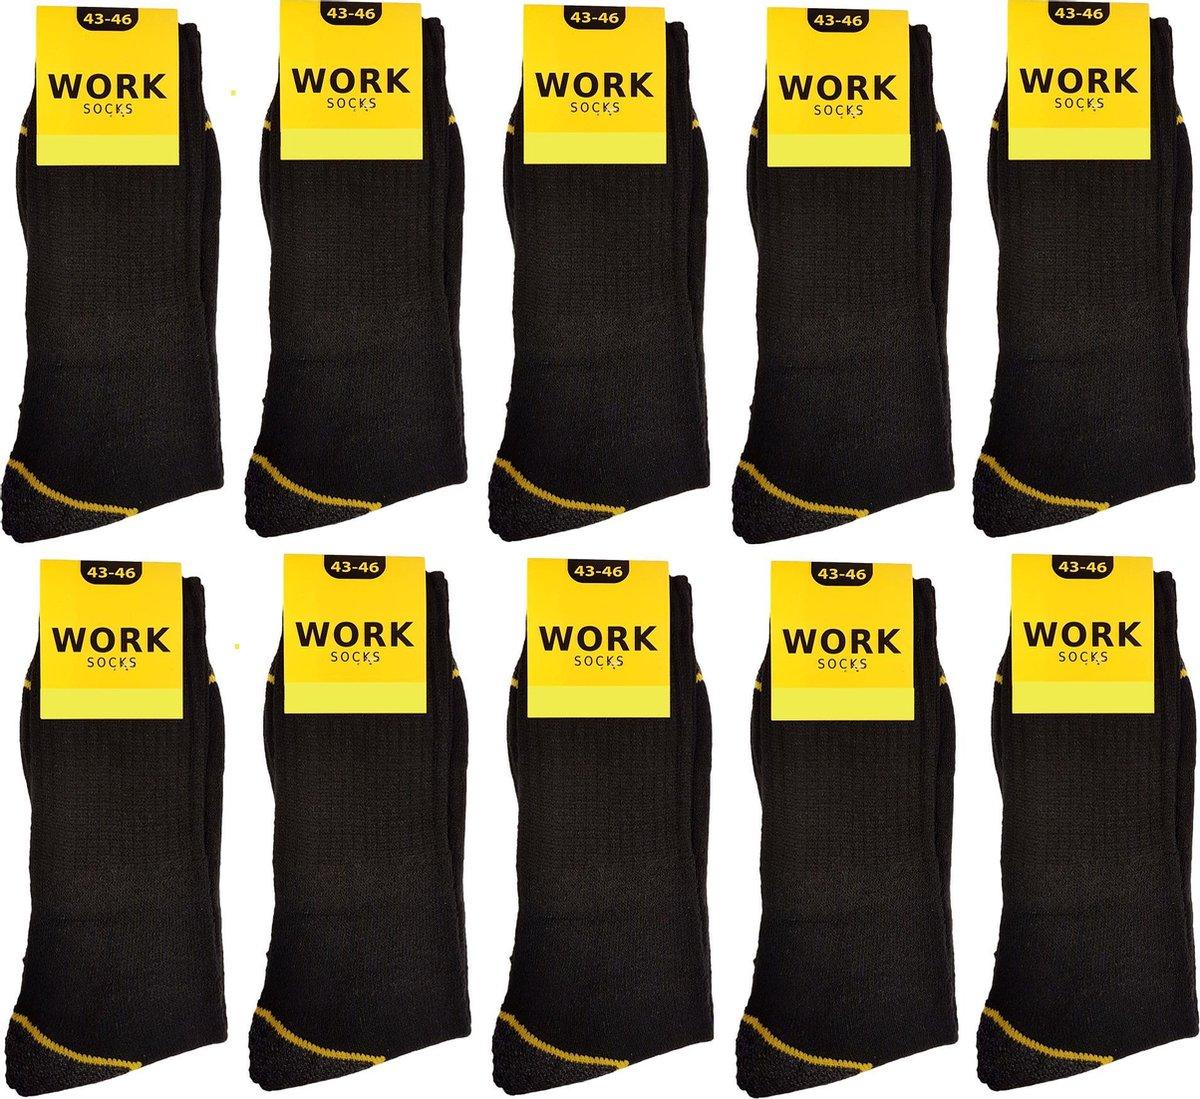 Work Werksokken - 10 paar - Zwart - Maat 43 - 46